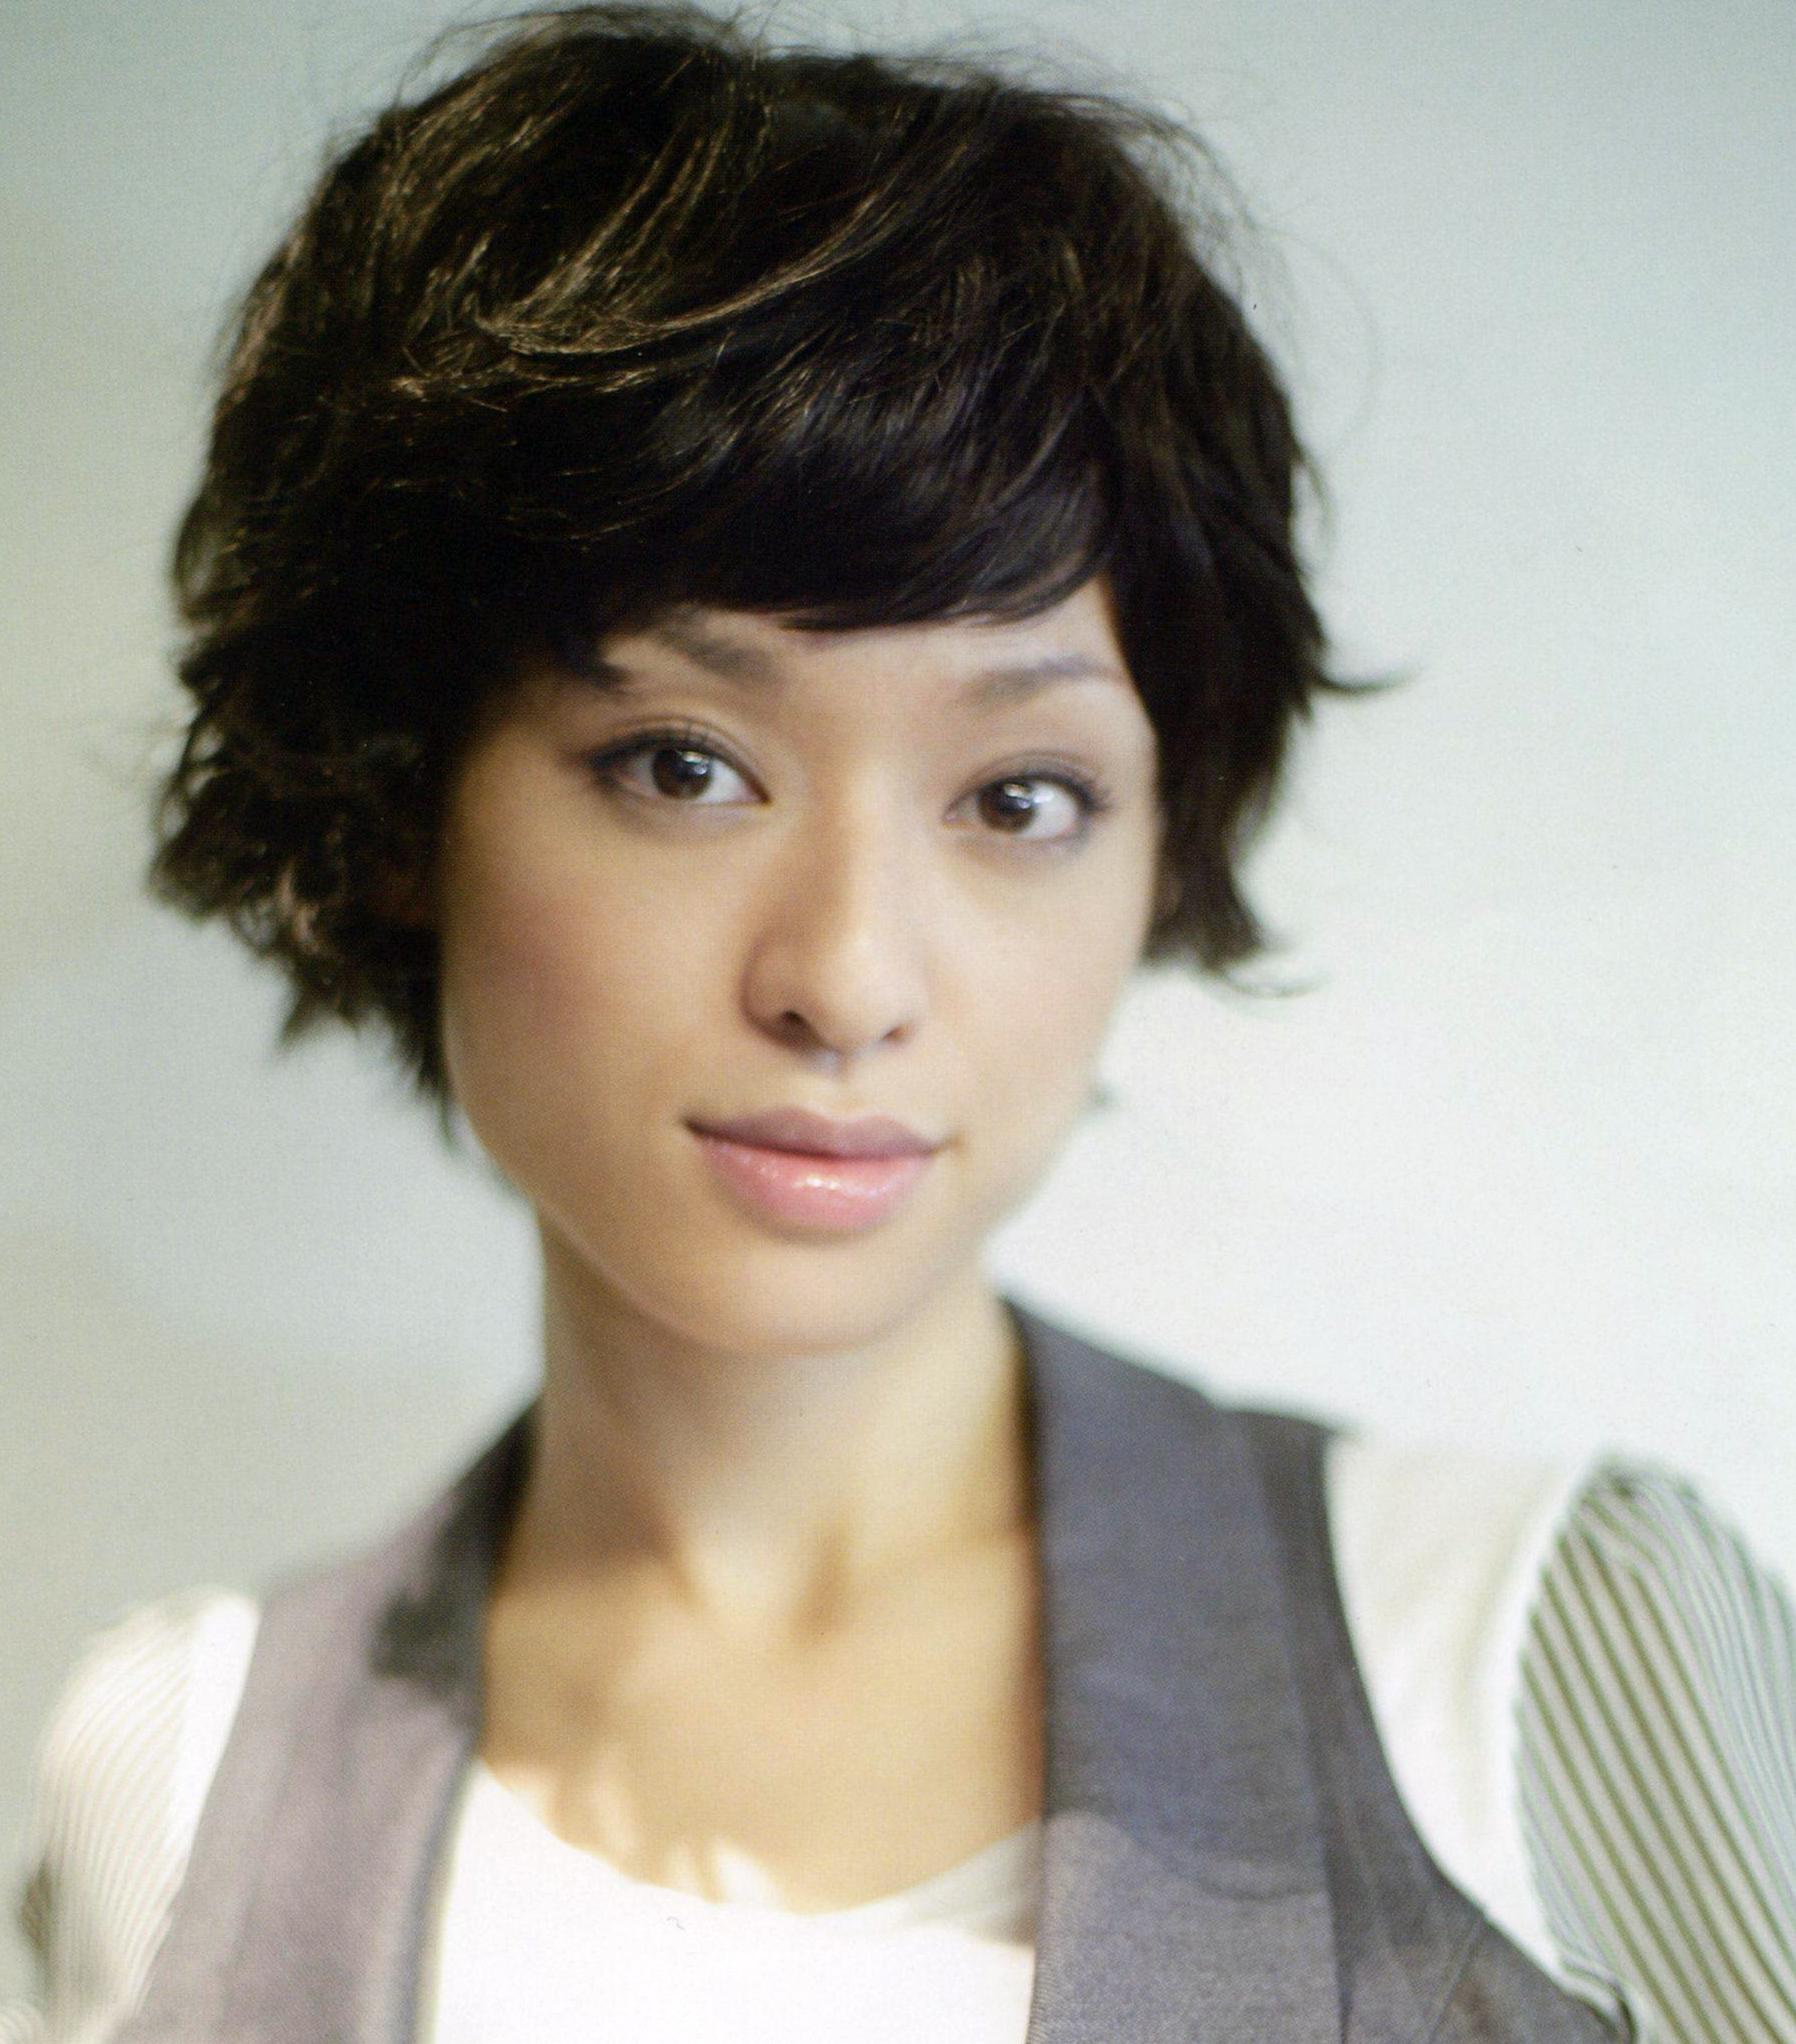 Chiaki Kuriyama - Photo Actress